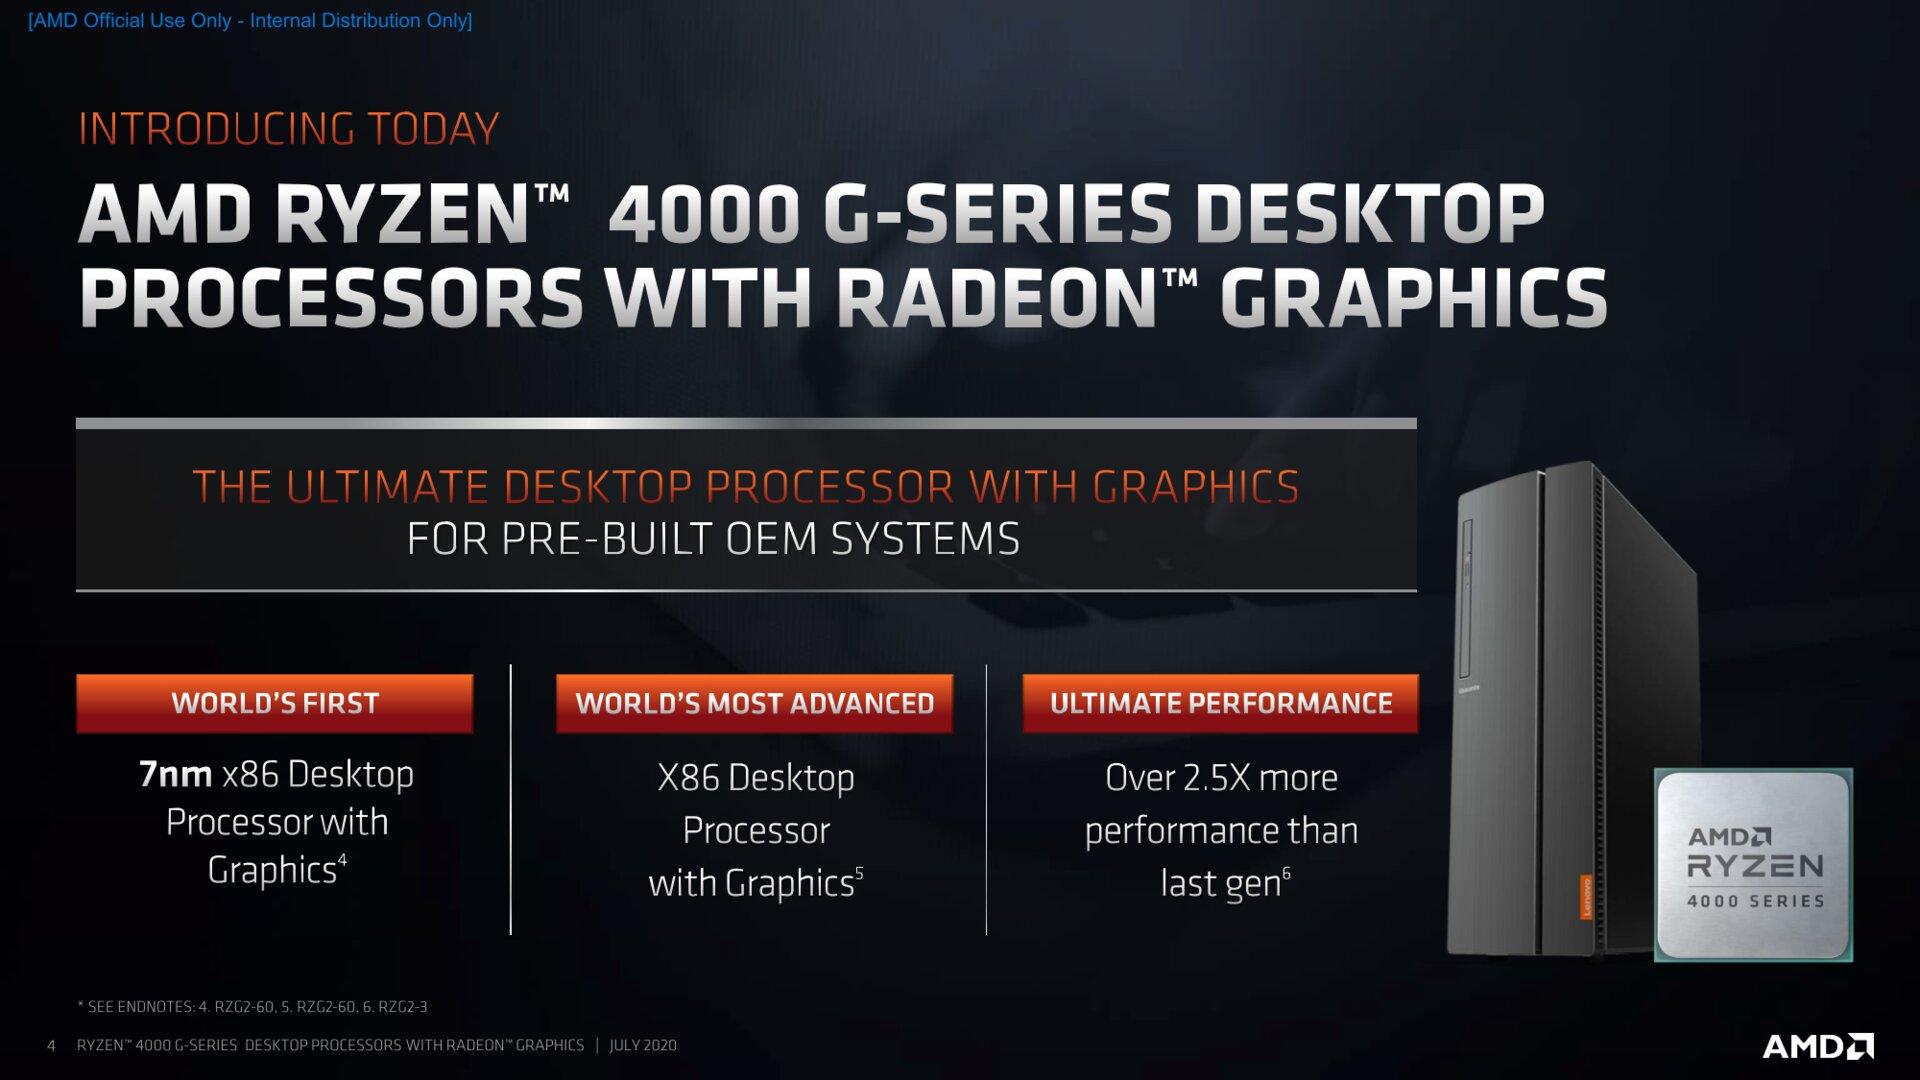 AMD Renoir Desktop